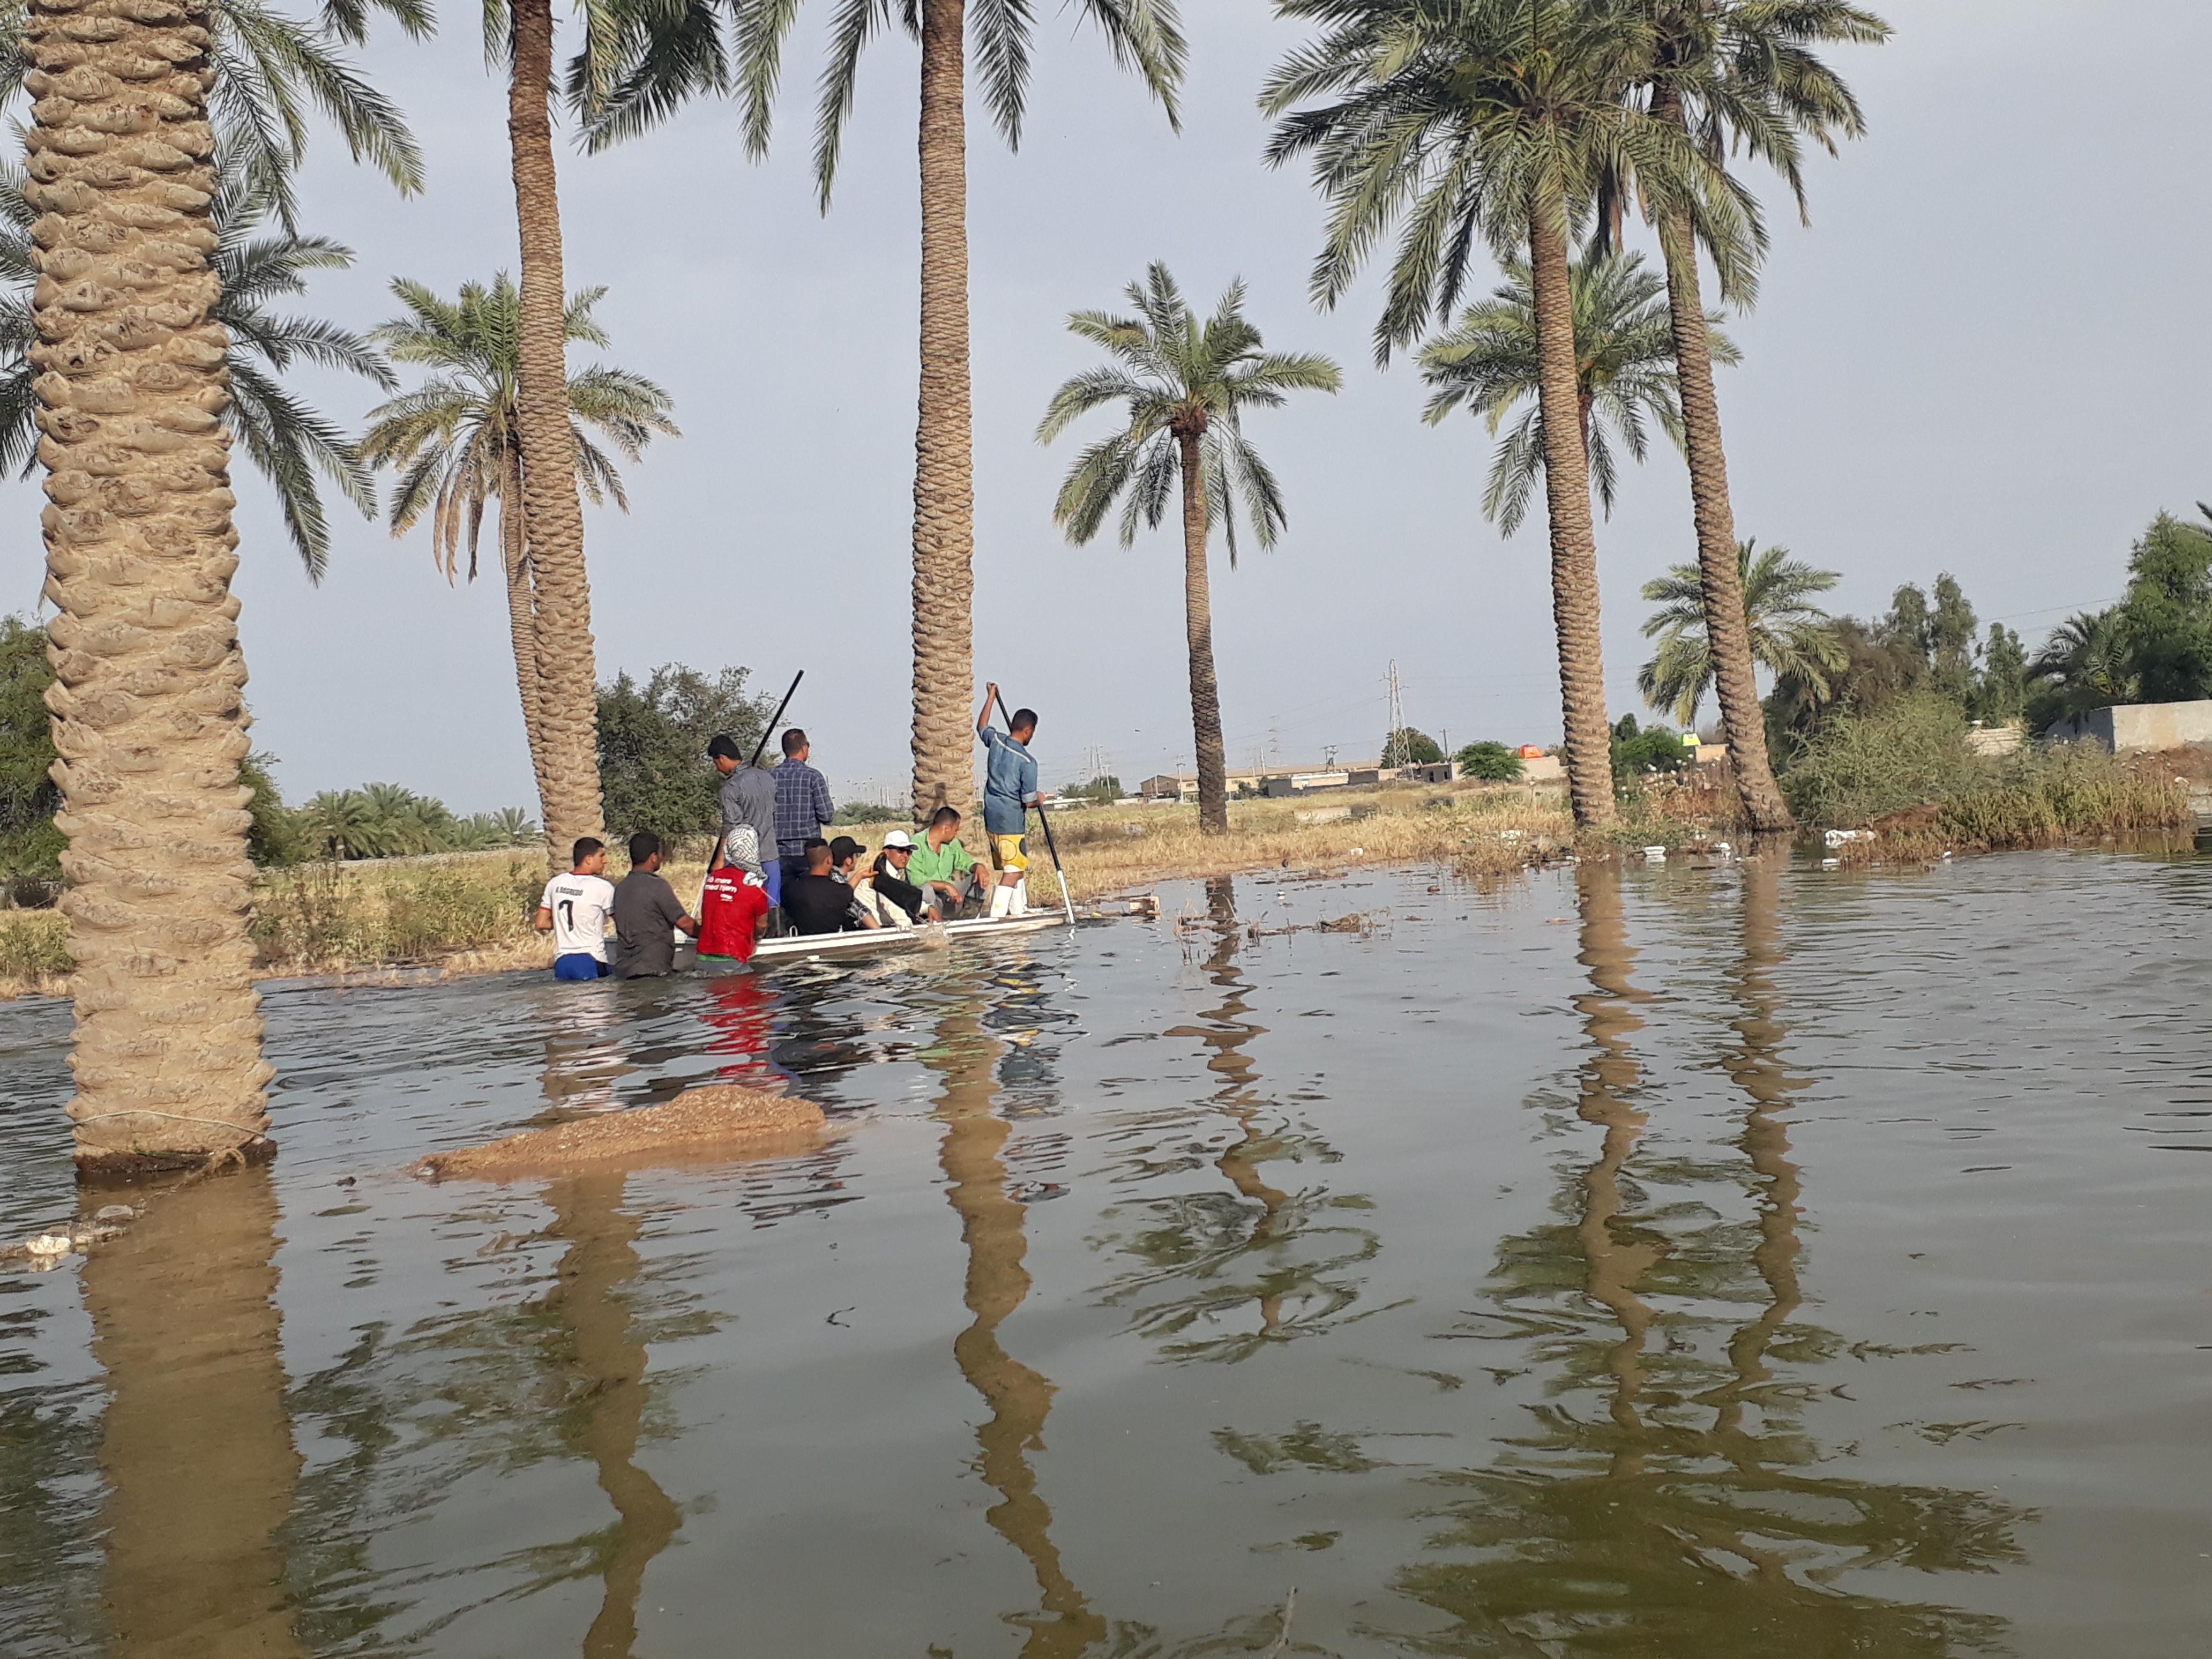 سیل خوزستان؛ فاجعه طبیعی یا سهلانگاری؟